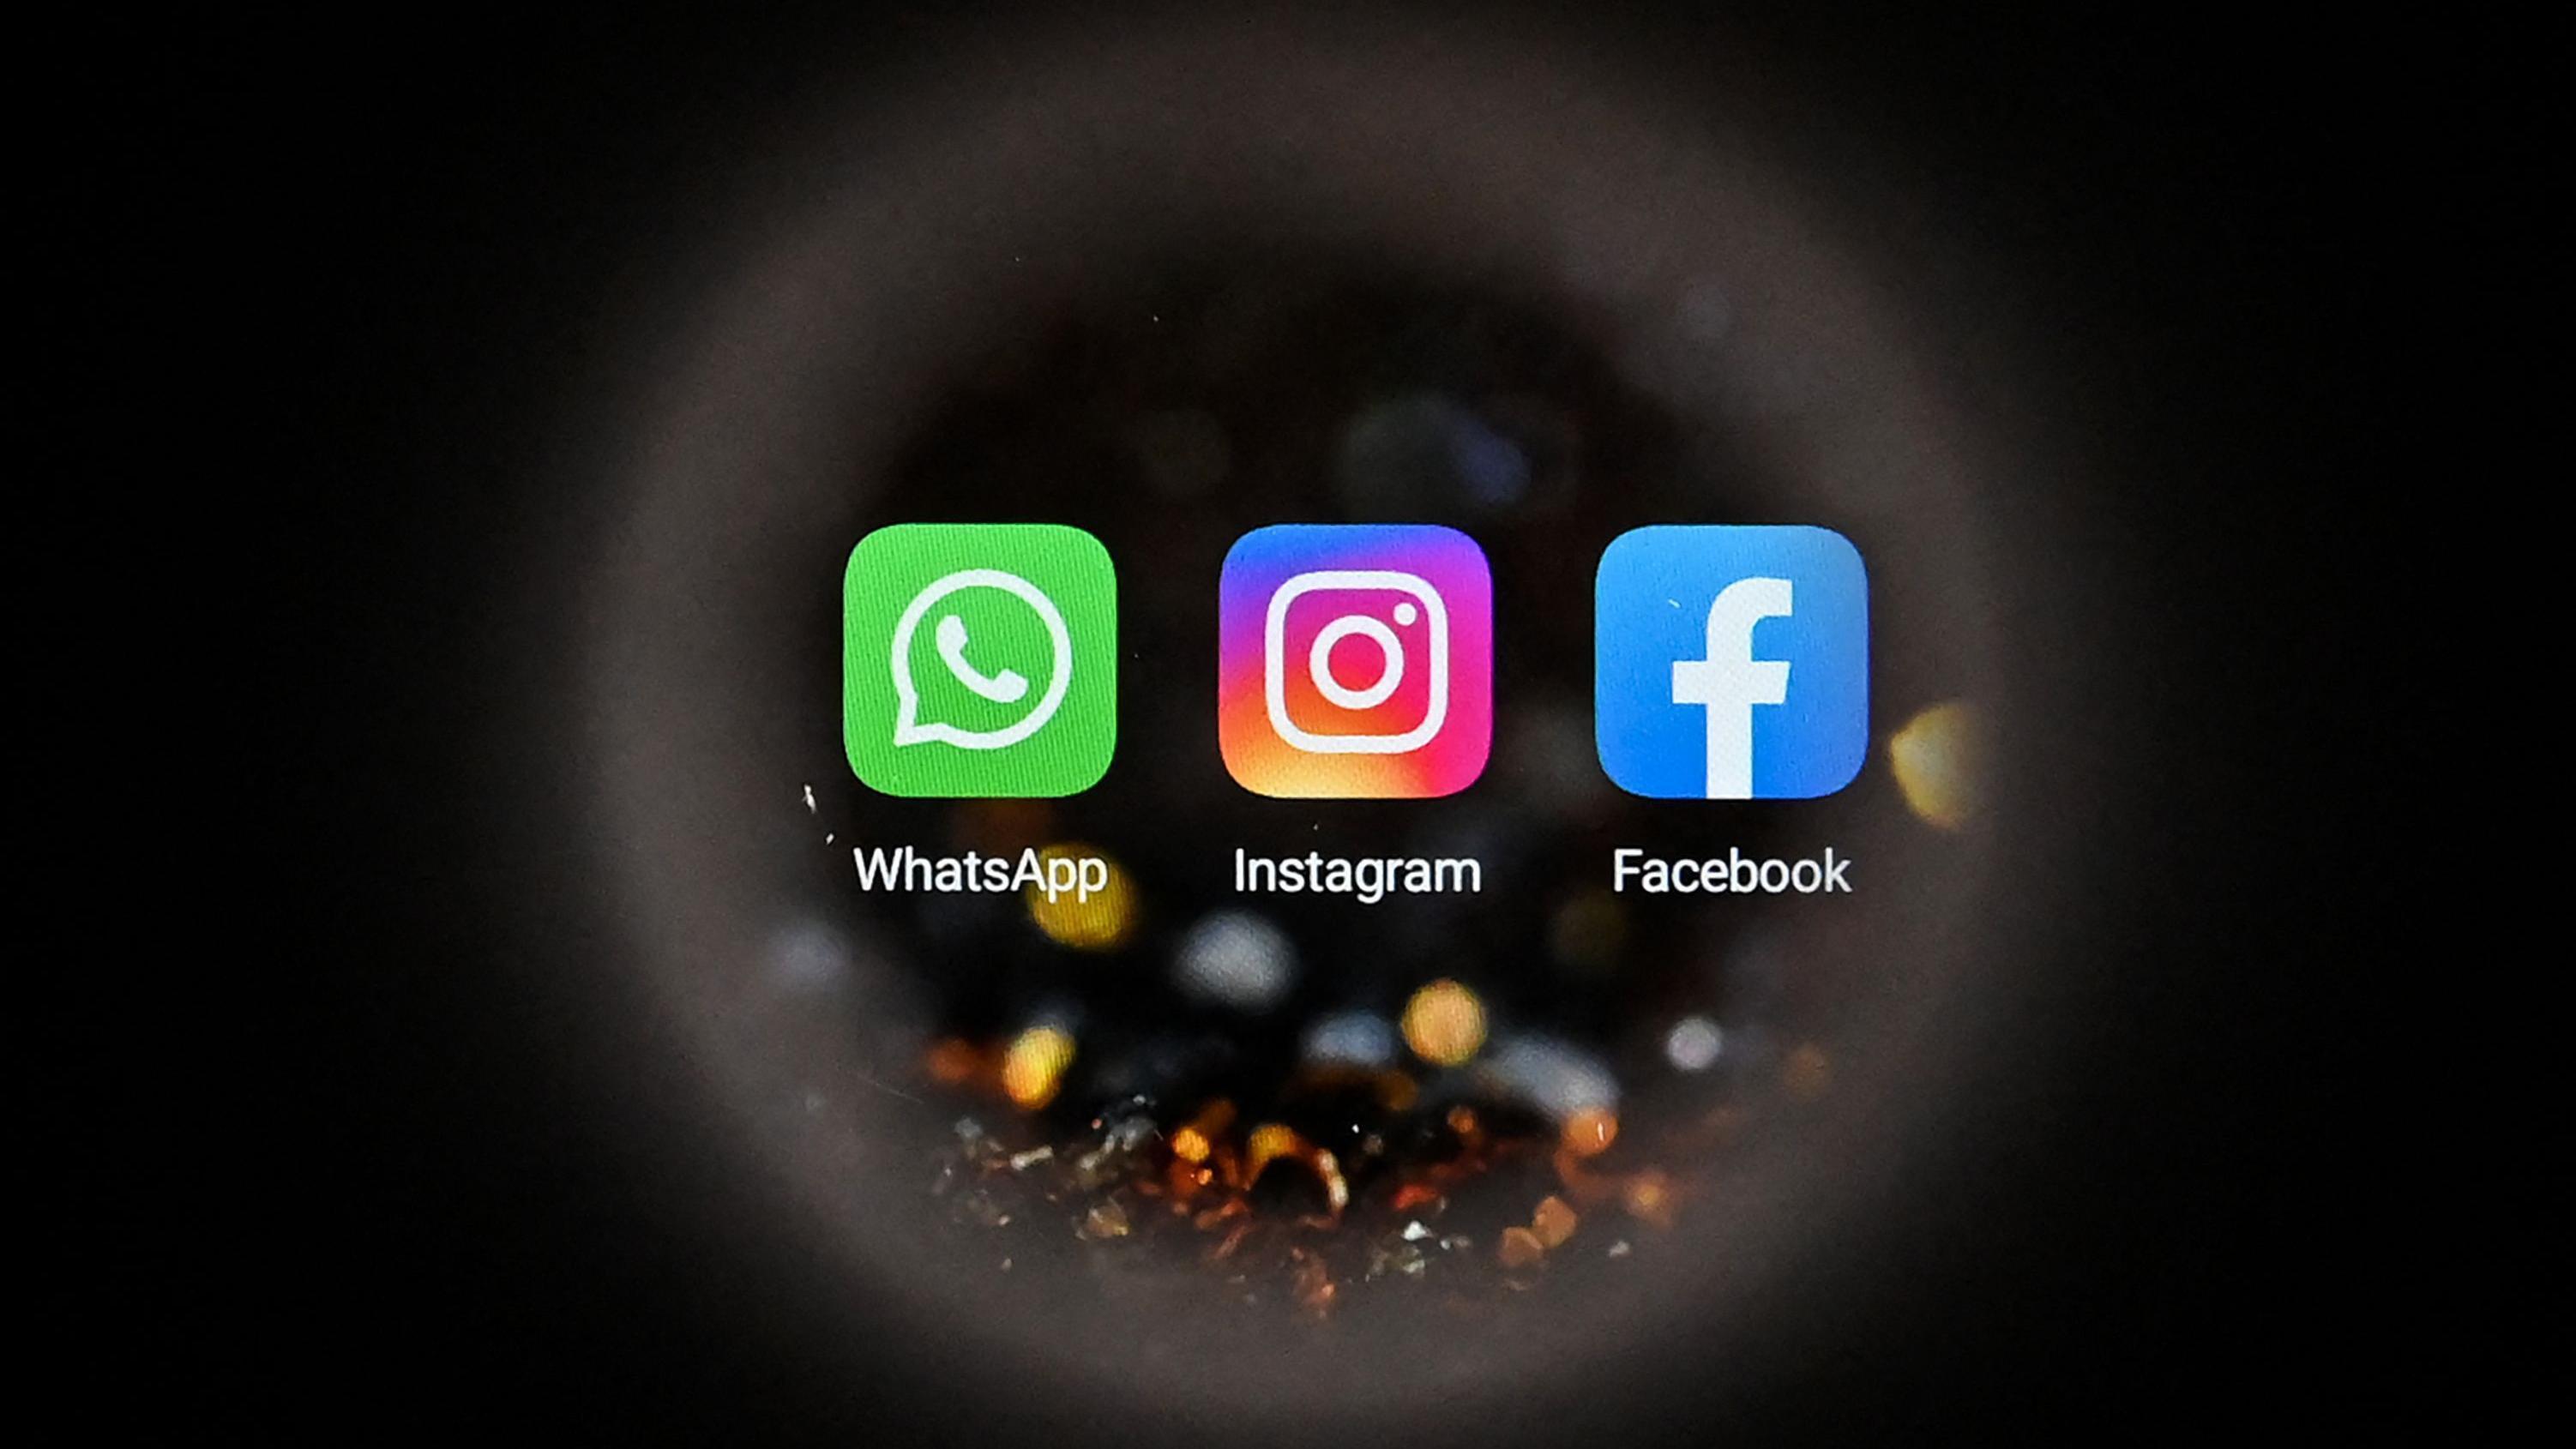 Instagram endres: Slik skal de skjerme unge brukere fra skadelig innhold